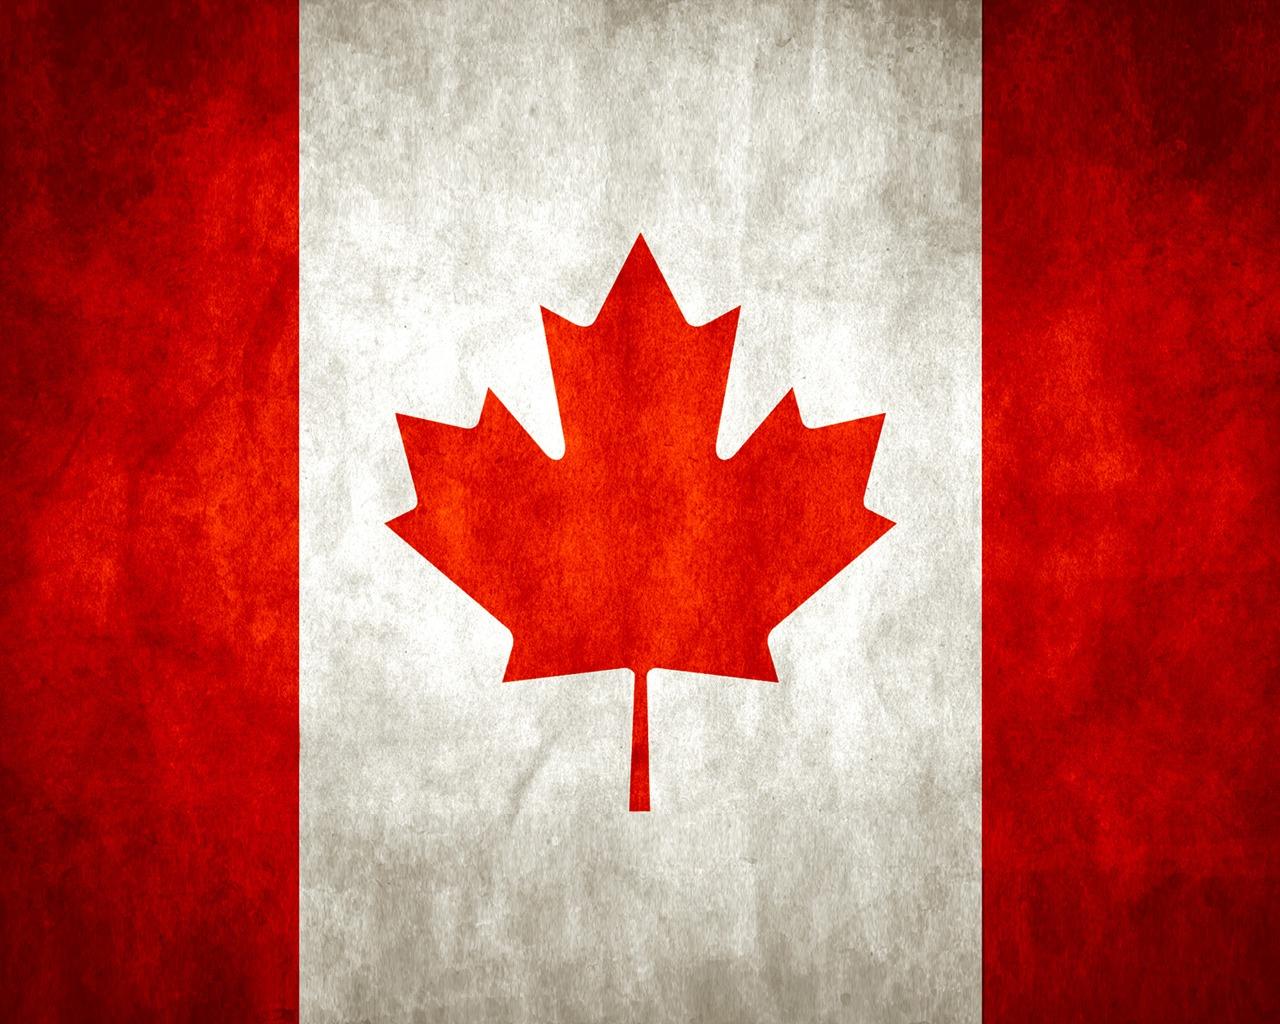 47 Canadian Flag Wallpaper On Wallpapersafari